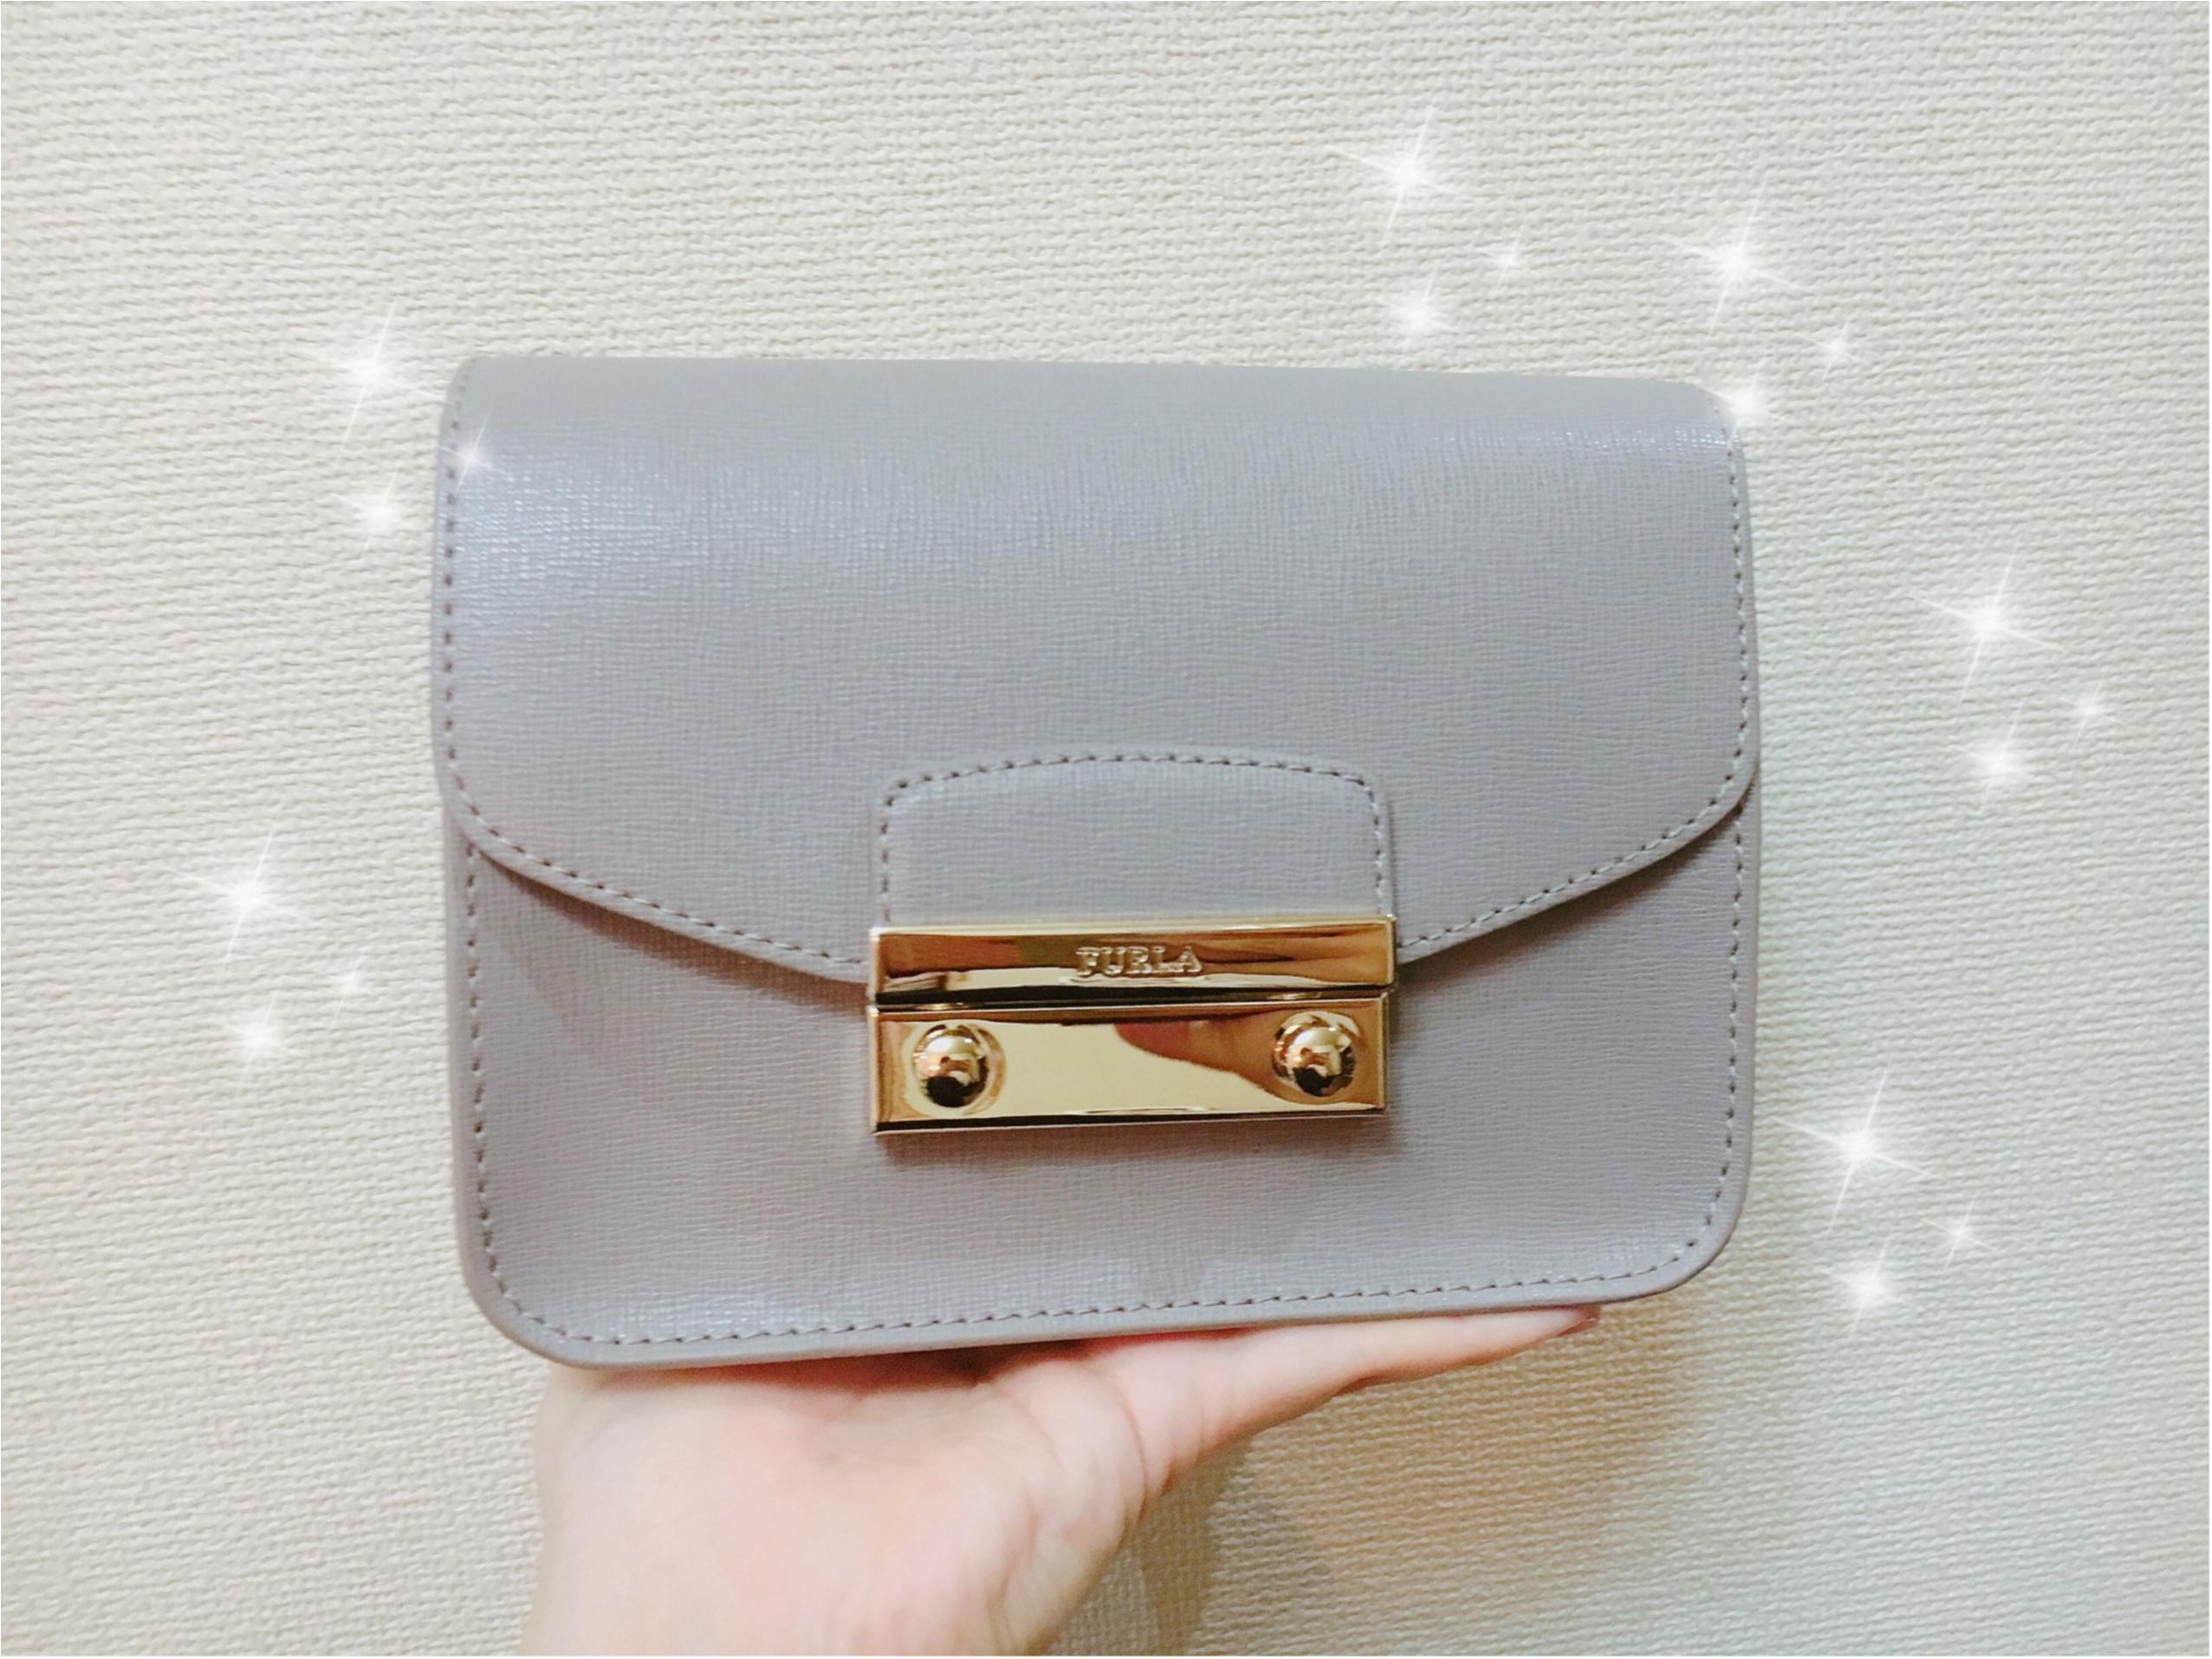 みんなどんなバッグ使ってるの? 憧れブランドもまとめて「愛用バッグ」まとめ♡♡_1_9